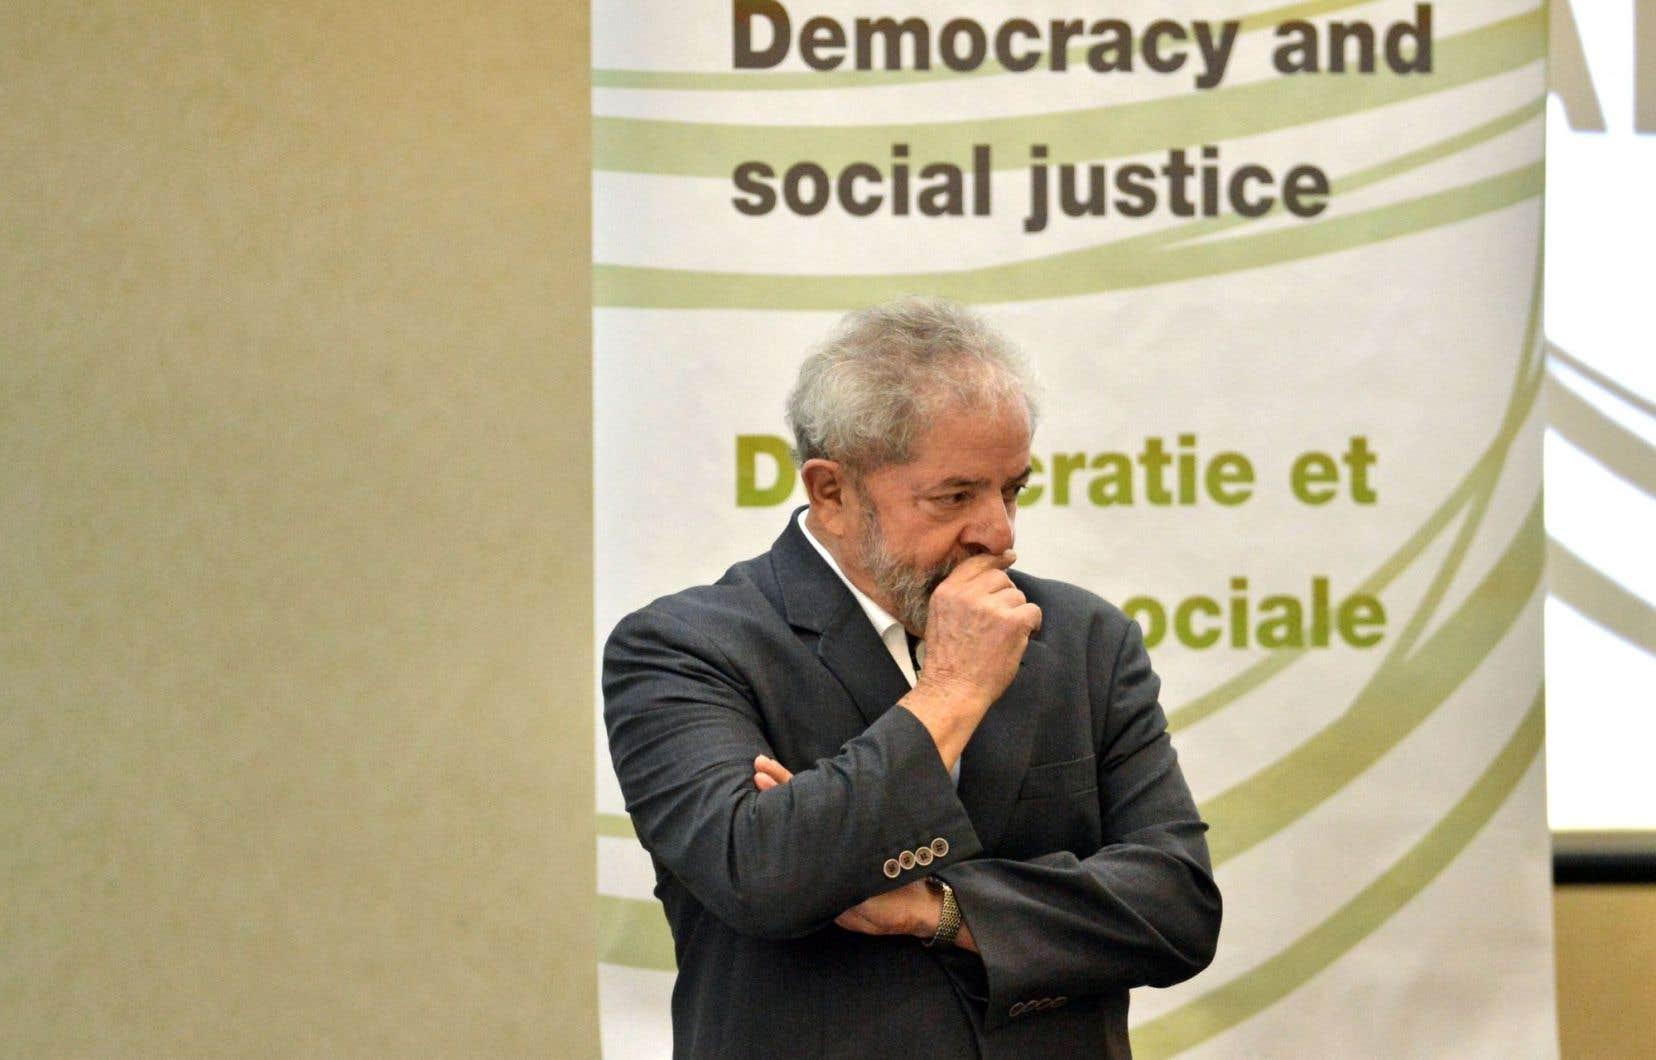 L'ex-président du Brésil, Luiz Inacio Lula da Silva, a pu s'attaquer aux inégalités jusqu'à ce que l'économie s'enraye.